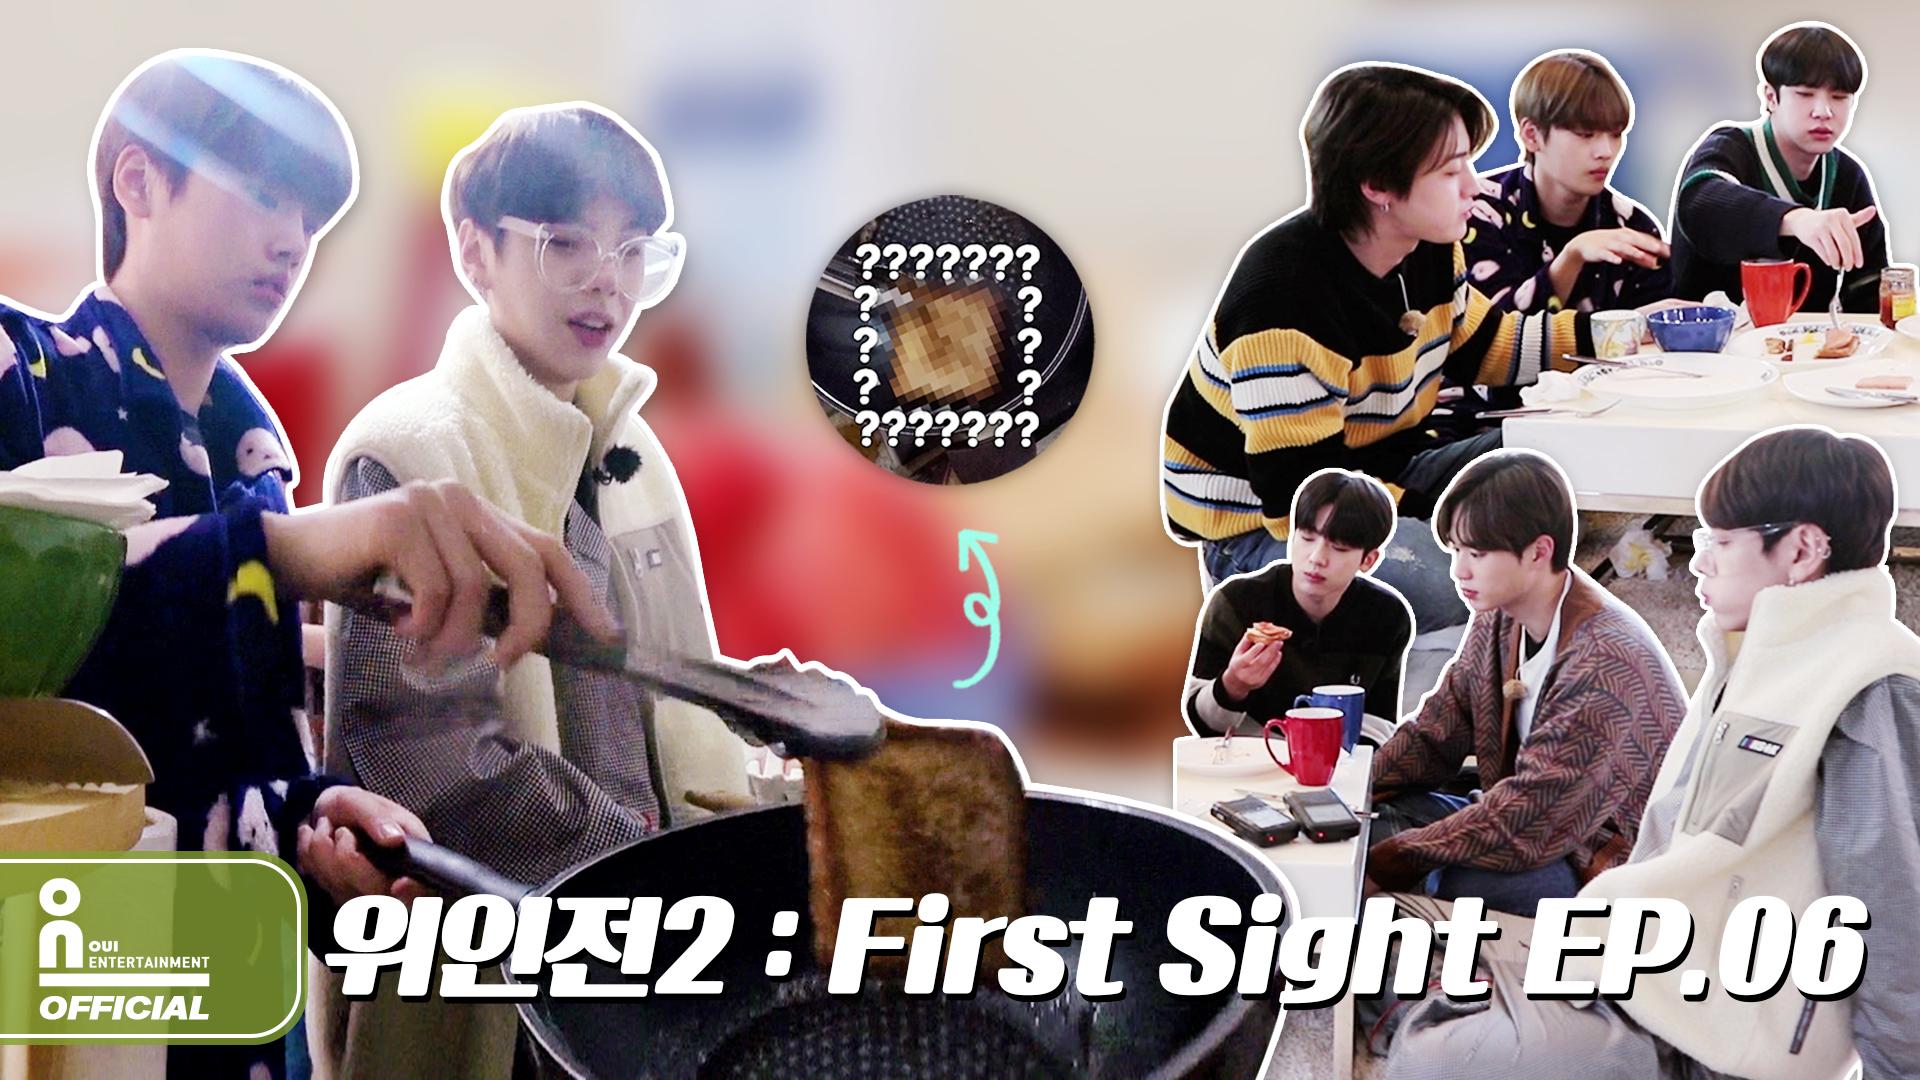 위아이(WEi) - OUI GO UP 2 : First Sight EP.06 l 위인전2 : First Sight 6화